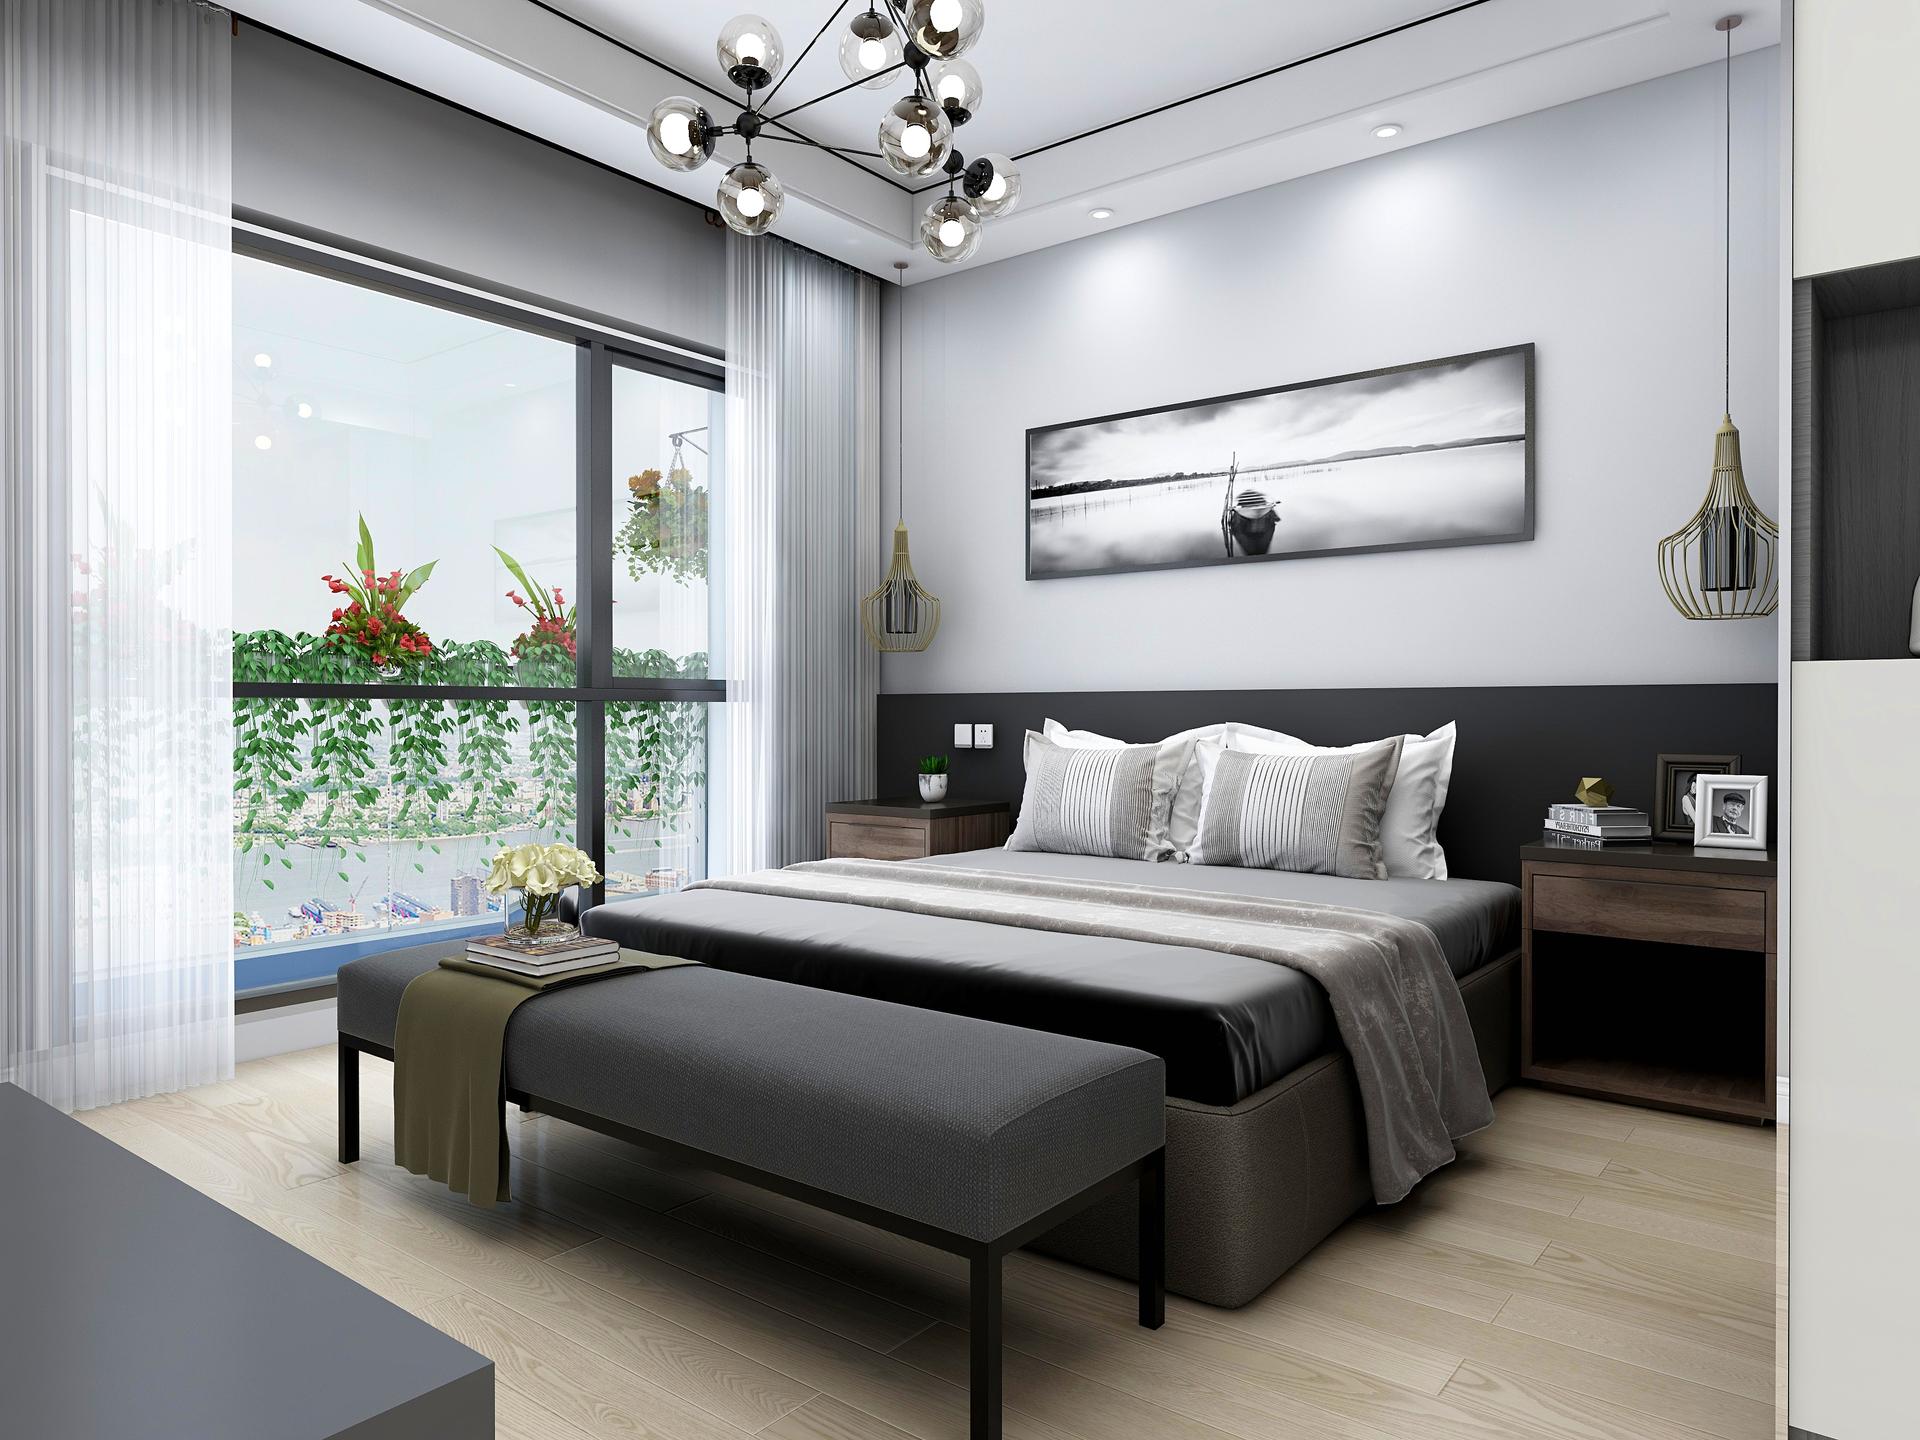 卧室在设计装修时应考虑到静音、储物、功能以及色调等所有的因素!